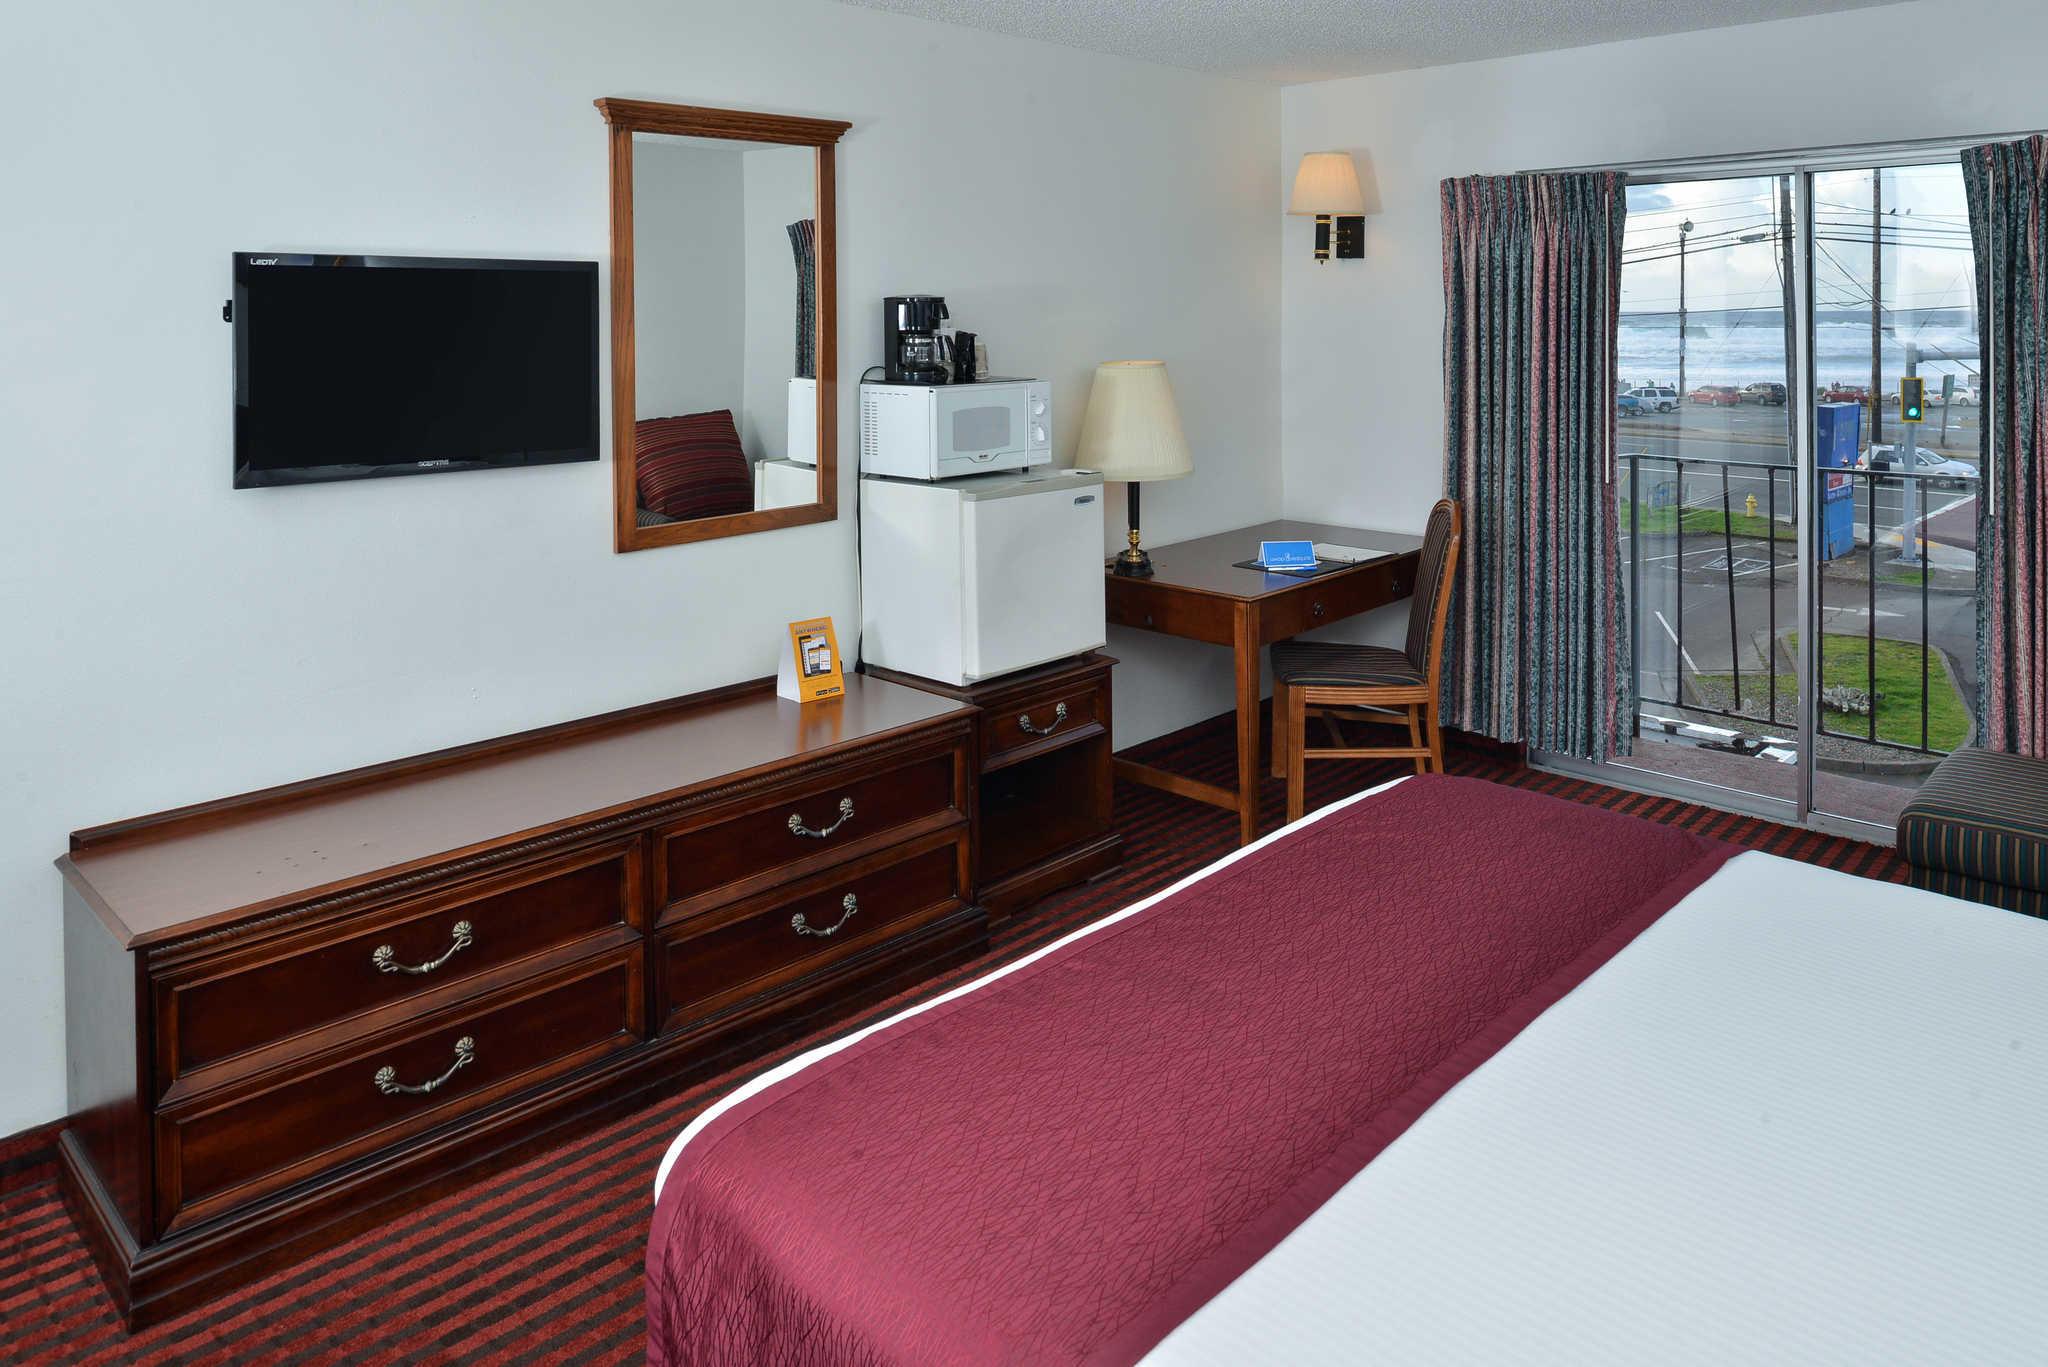 Rodeway Inn & Suites - Closed image 2